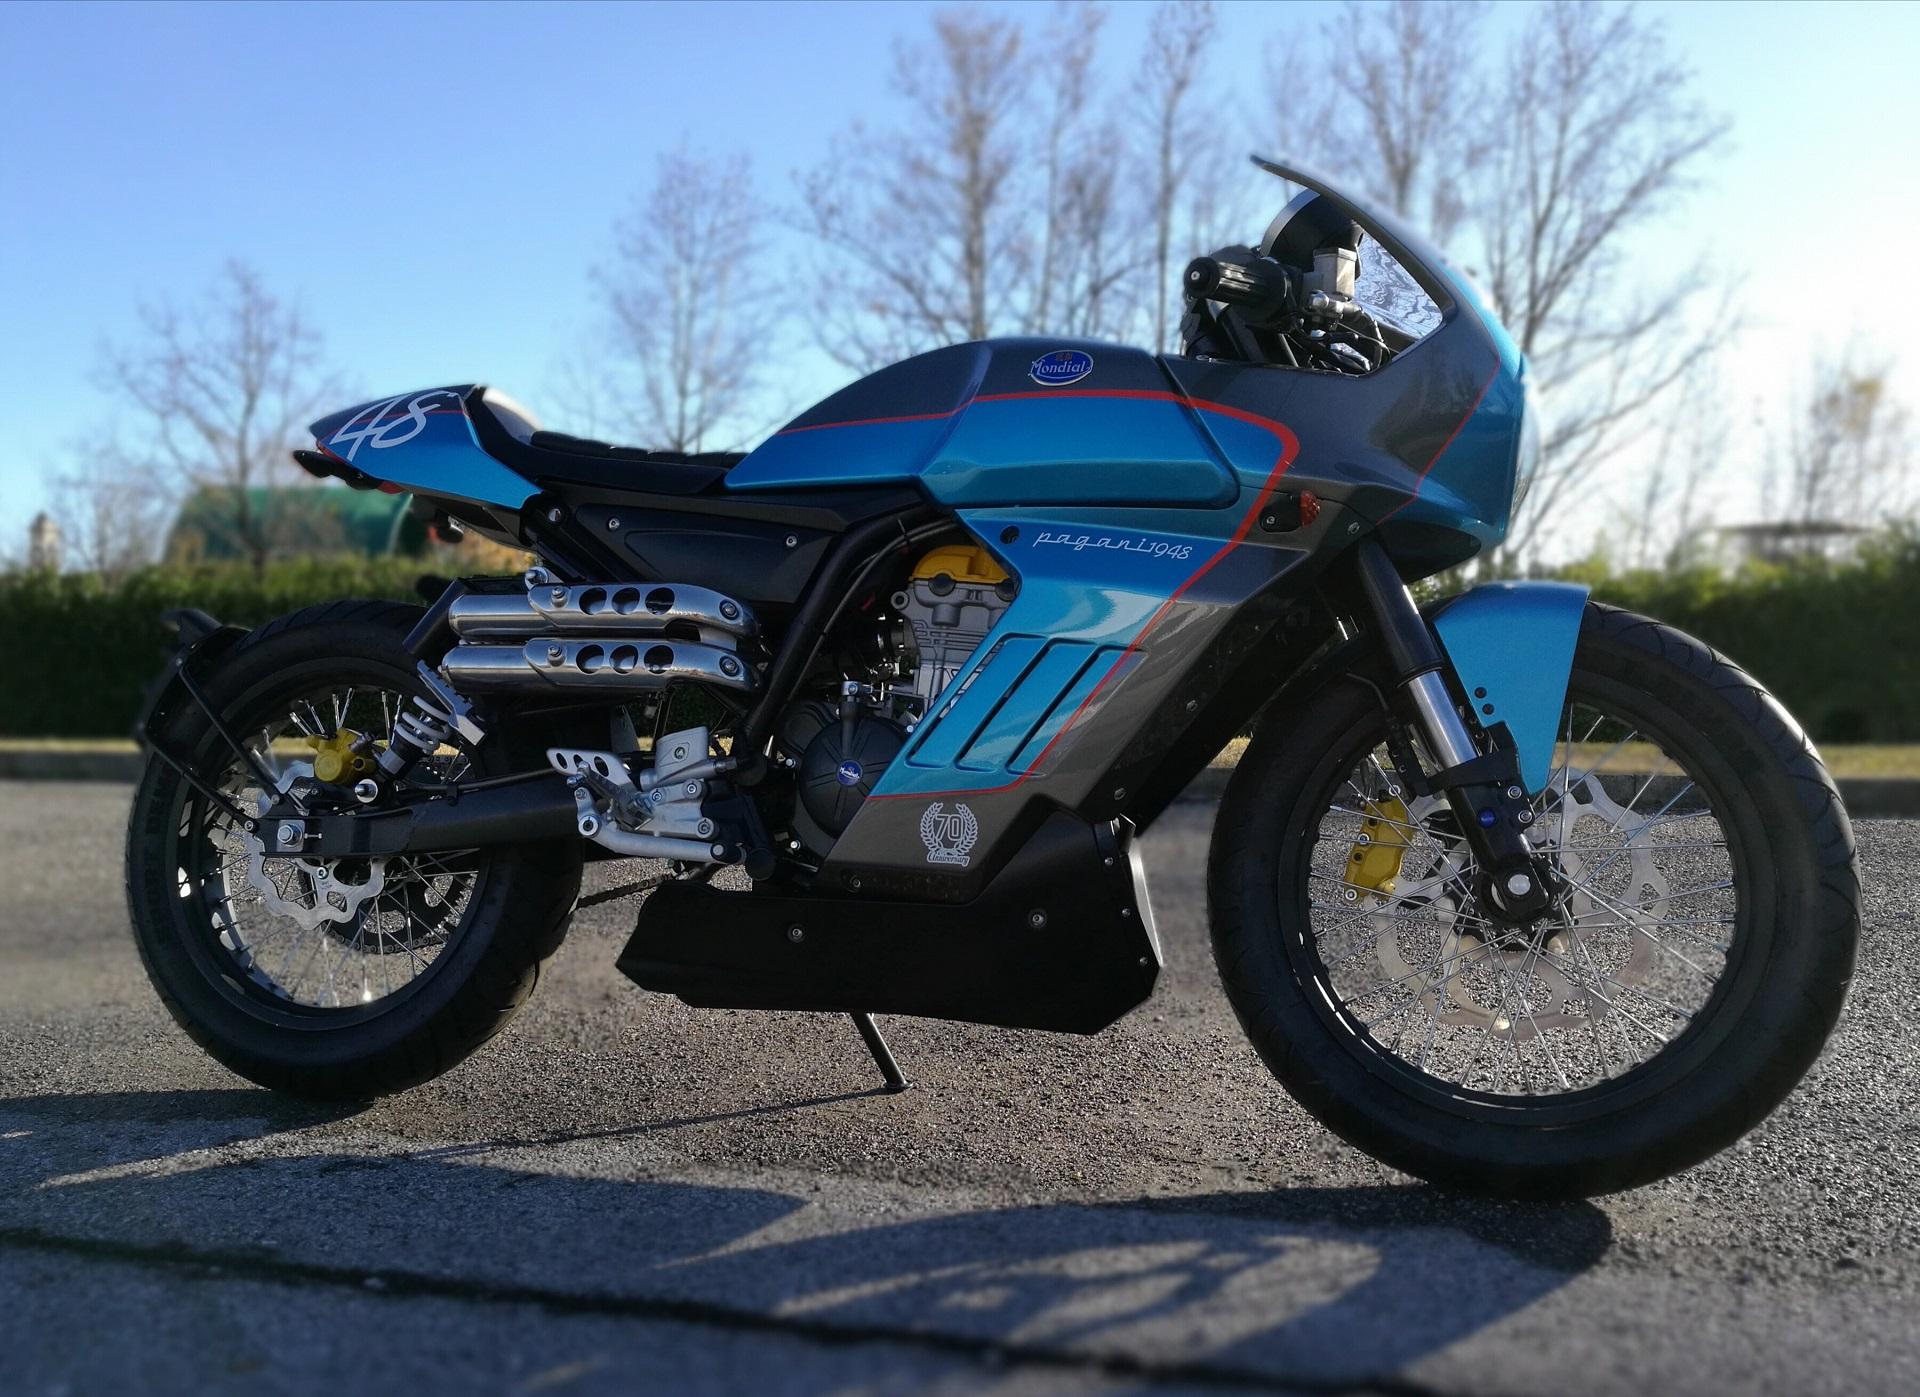 FBMONDIAL MOTORCYCLE PAGANI 1948